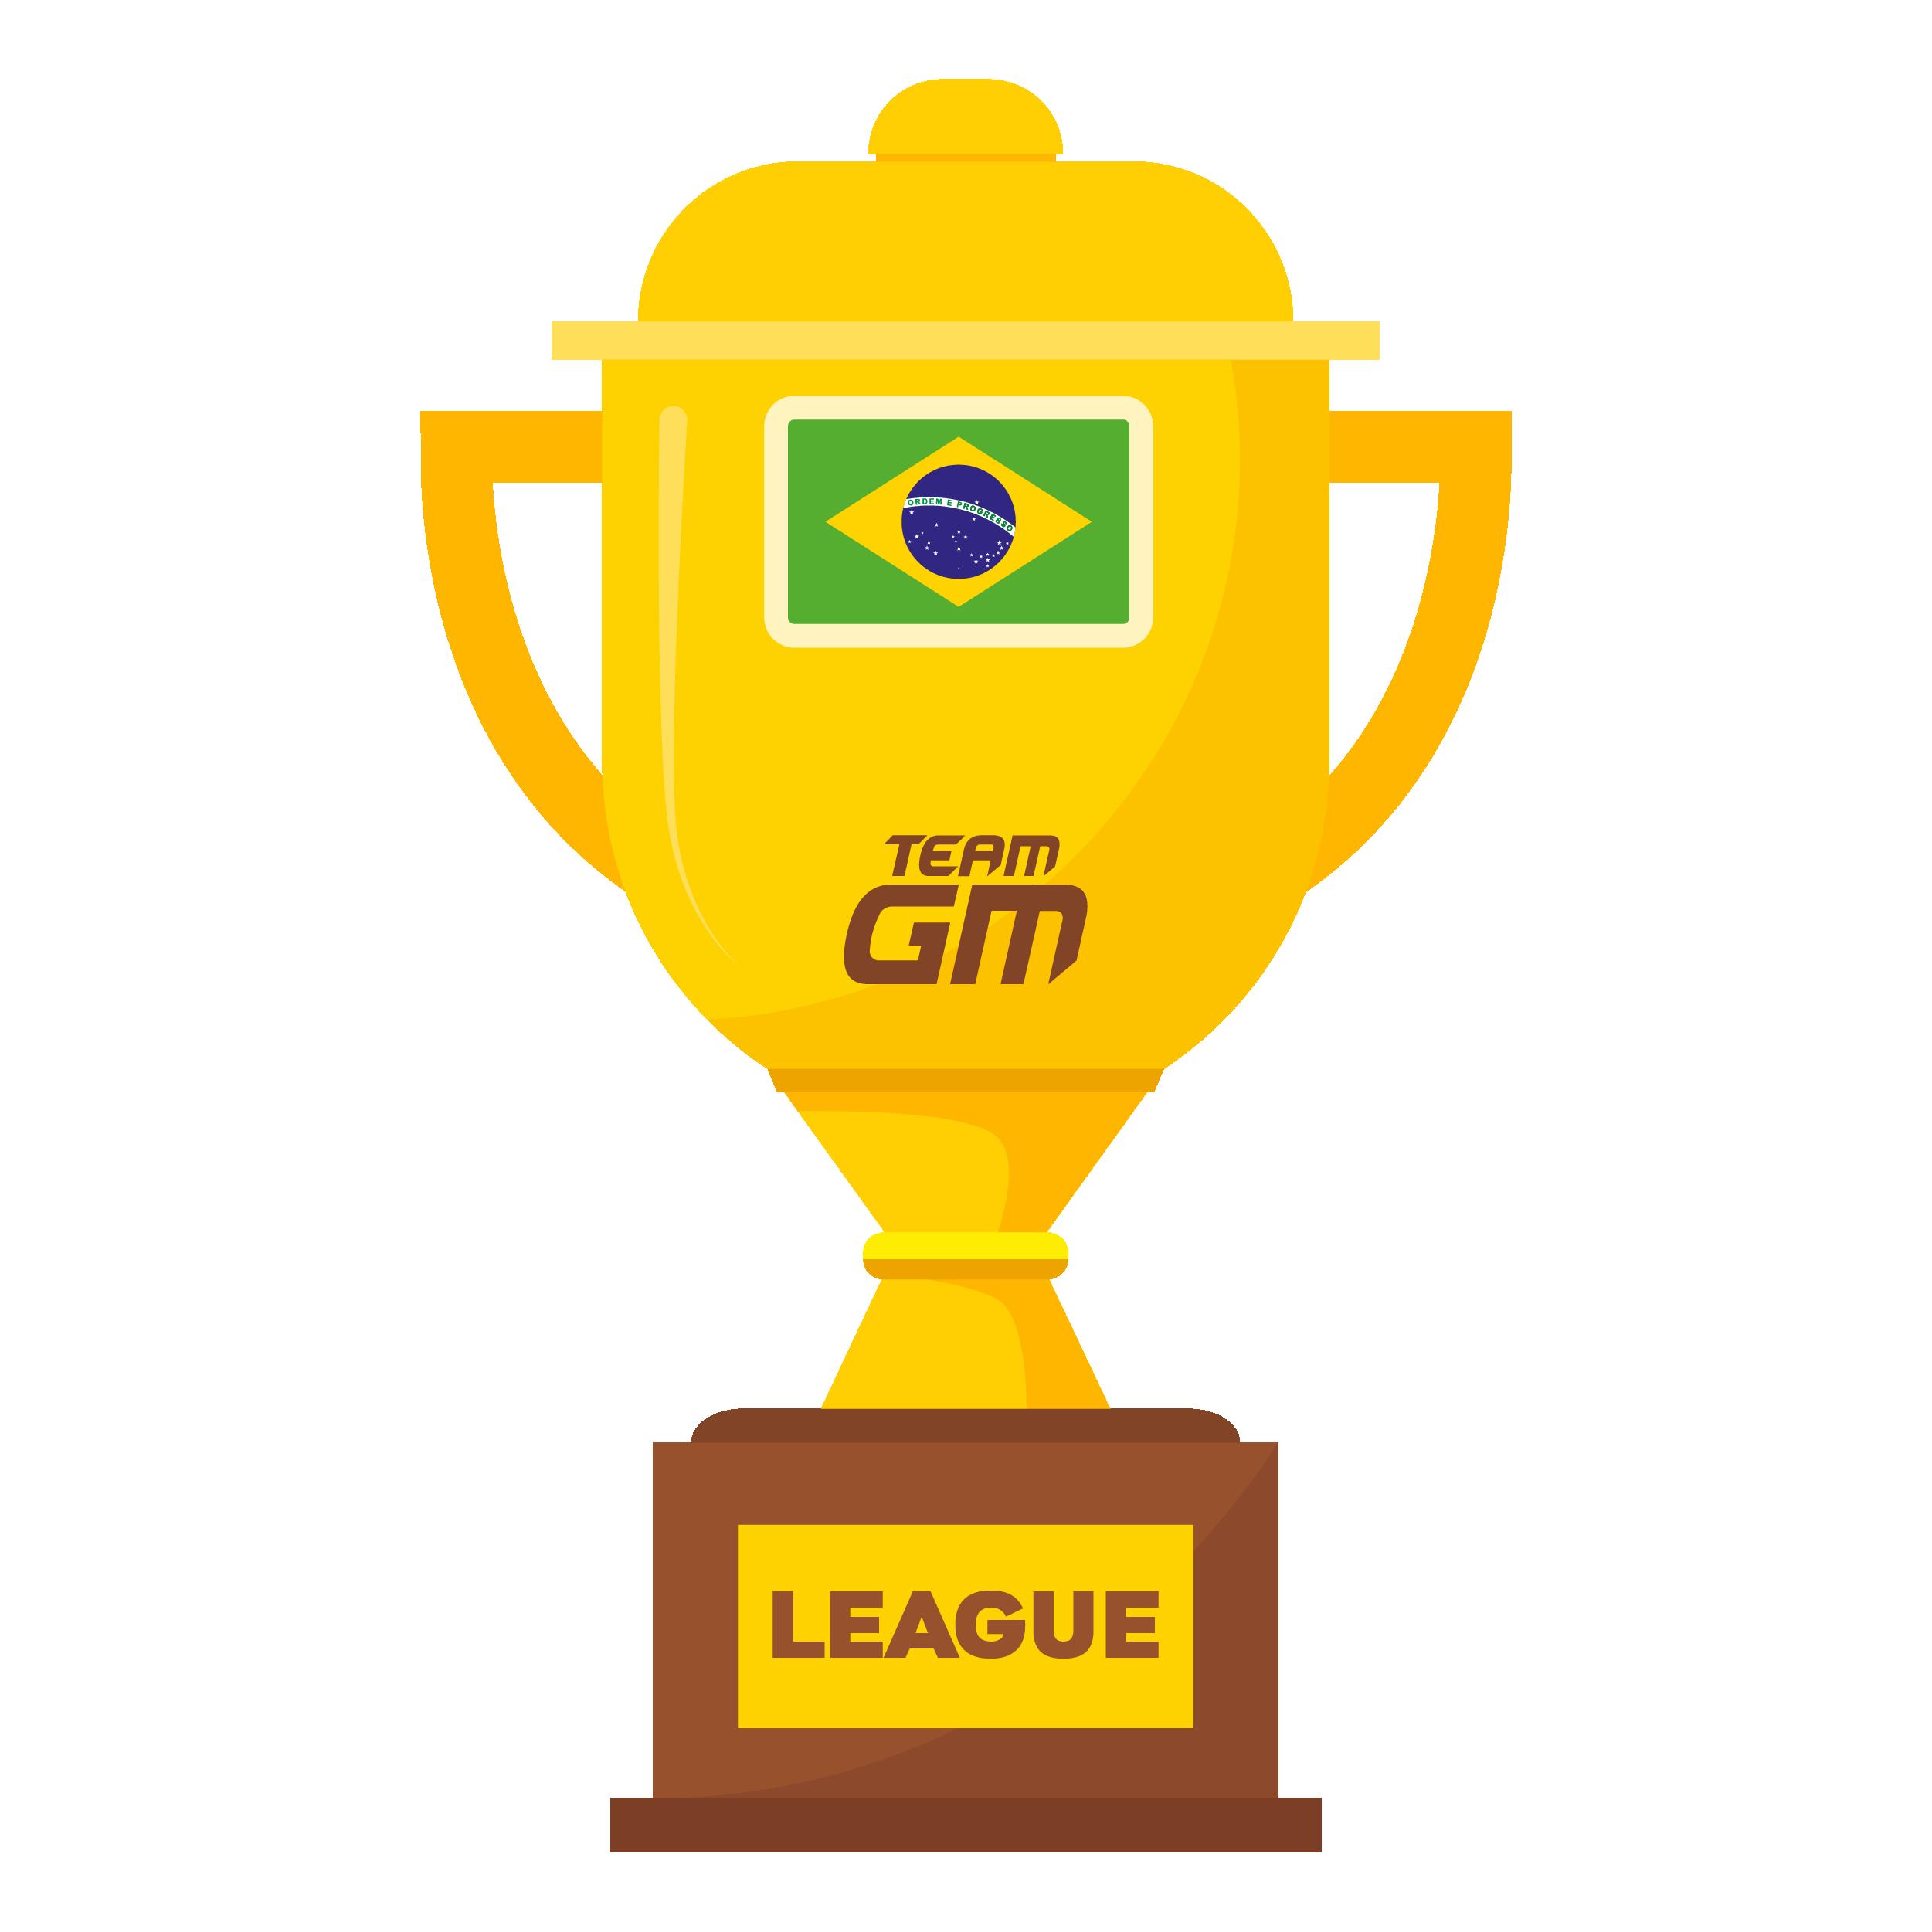 8TH - BRAZILIAN SUPER LEAGUE